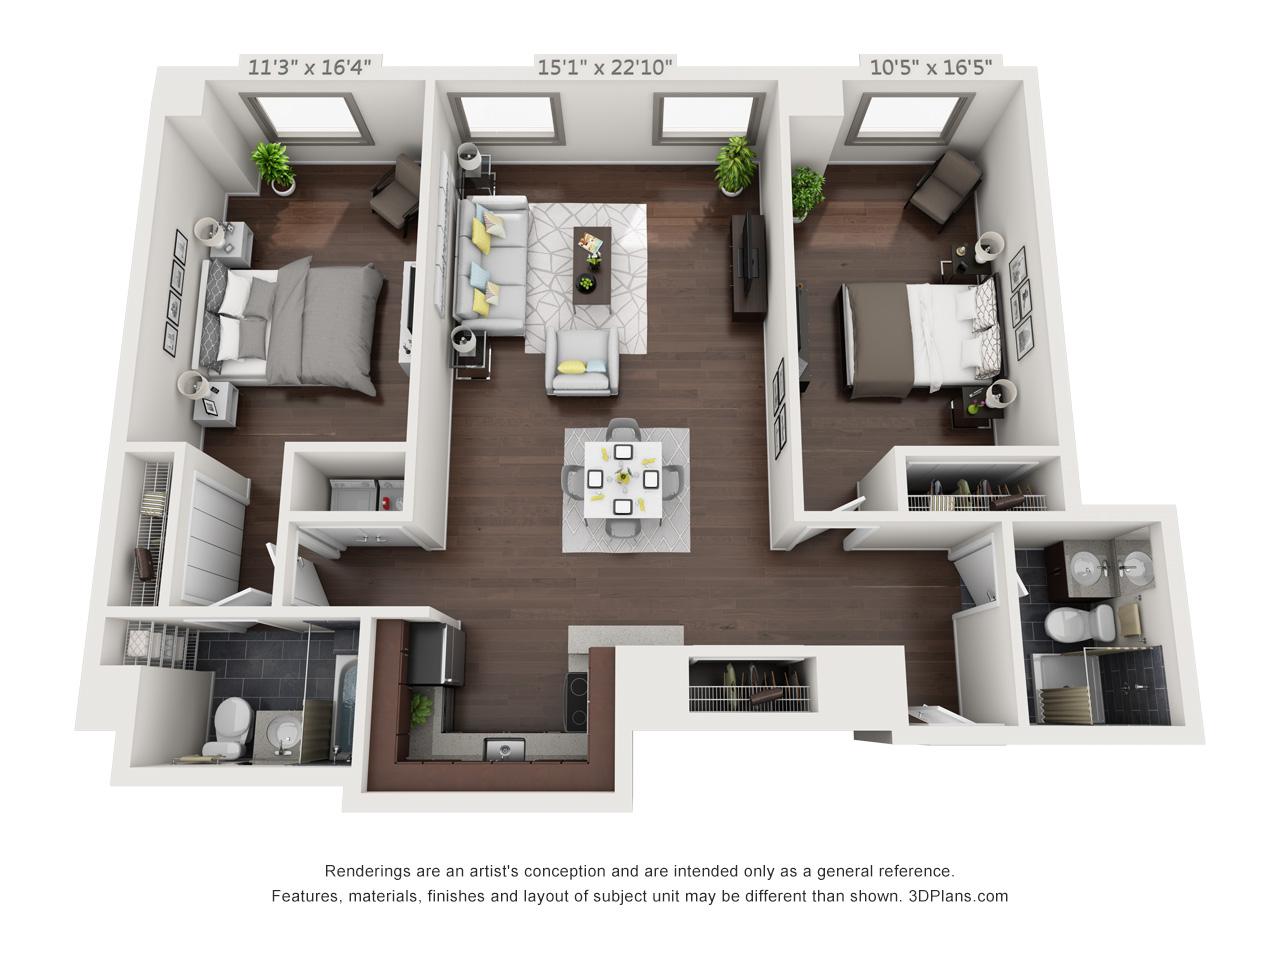 luxury philadelphia apartments - 2 bedroom